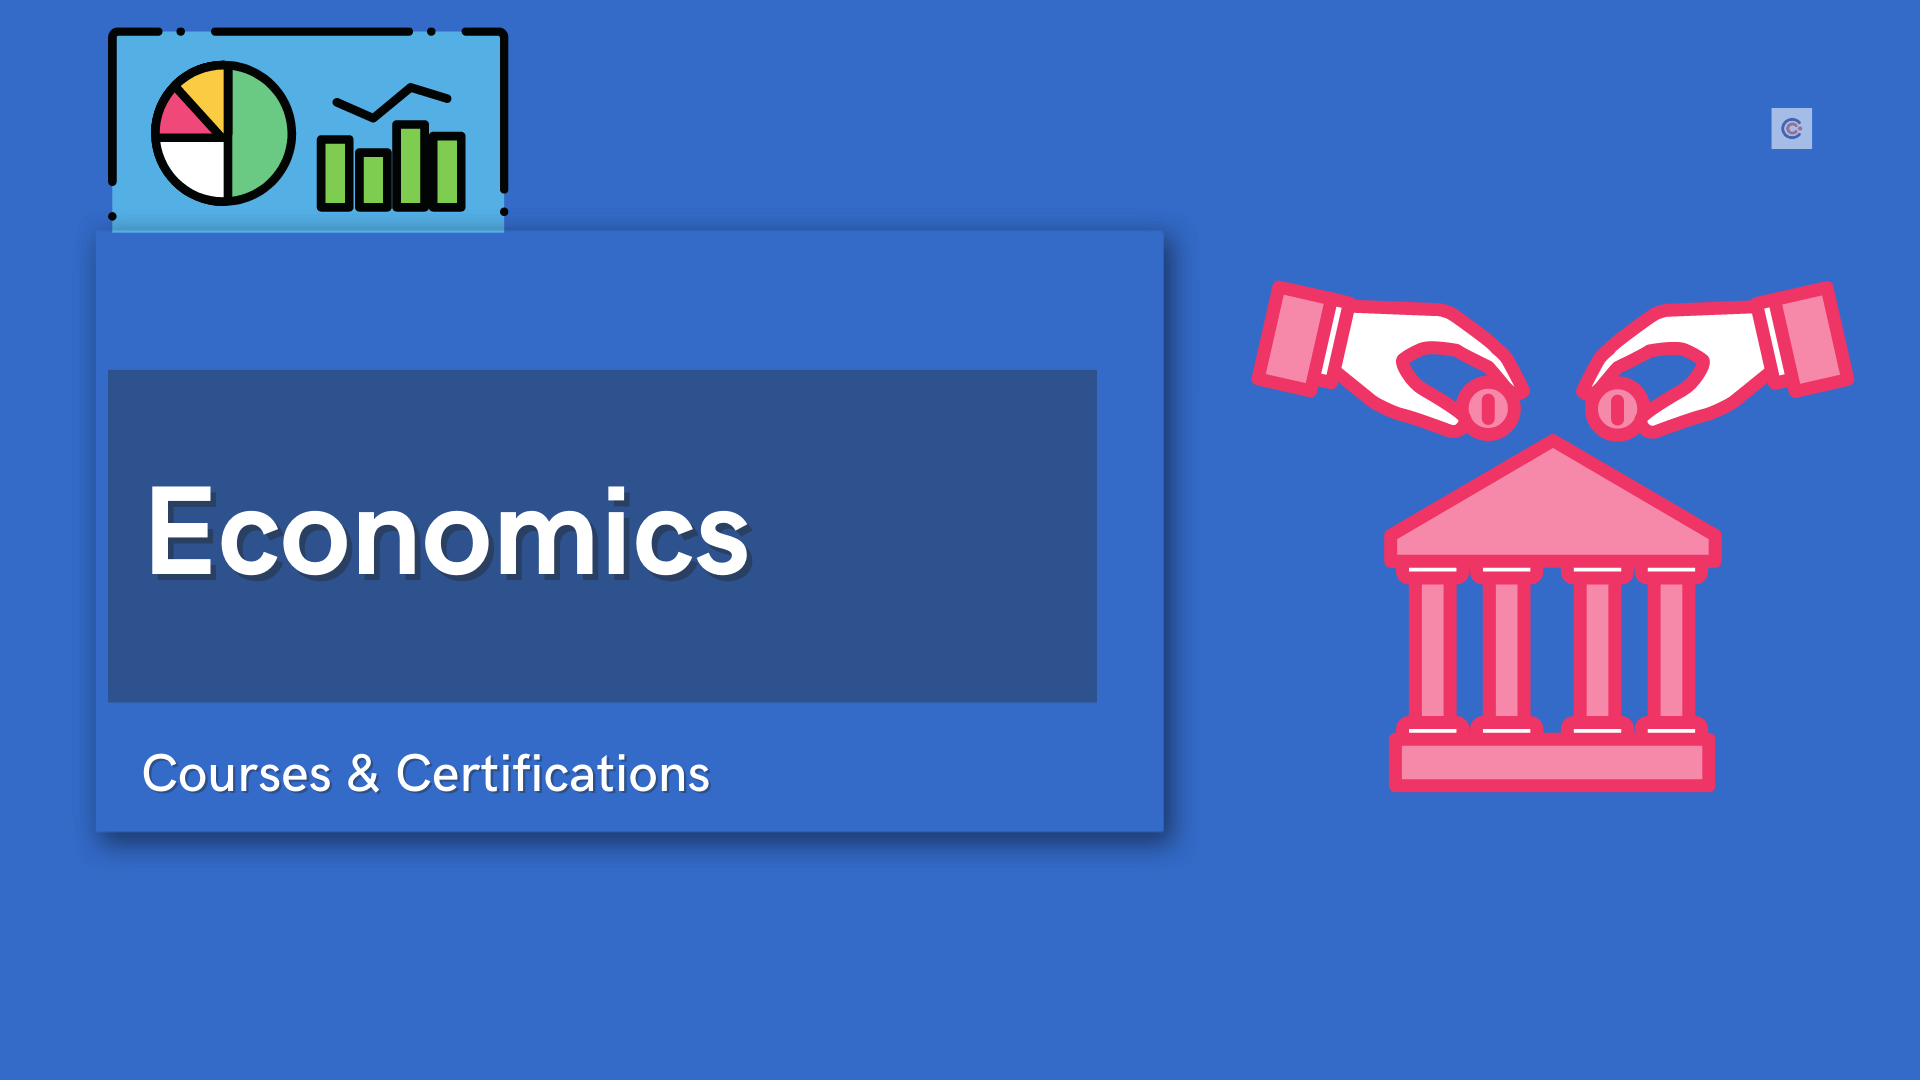 11 Best Economics Courses & Certification - Learn Economics Online